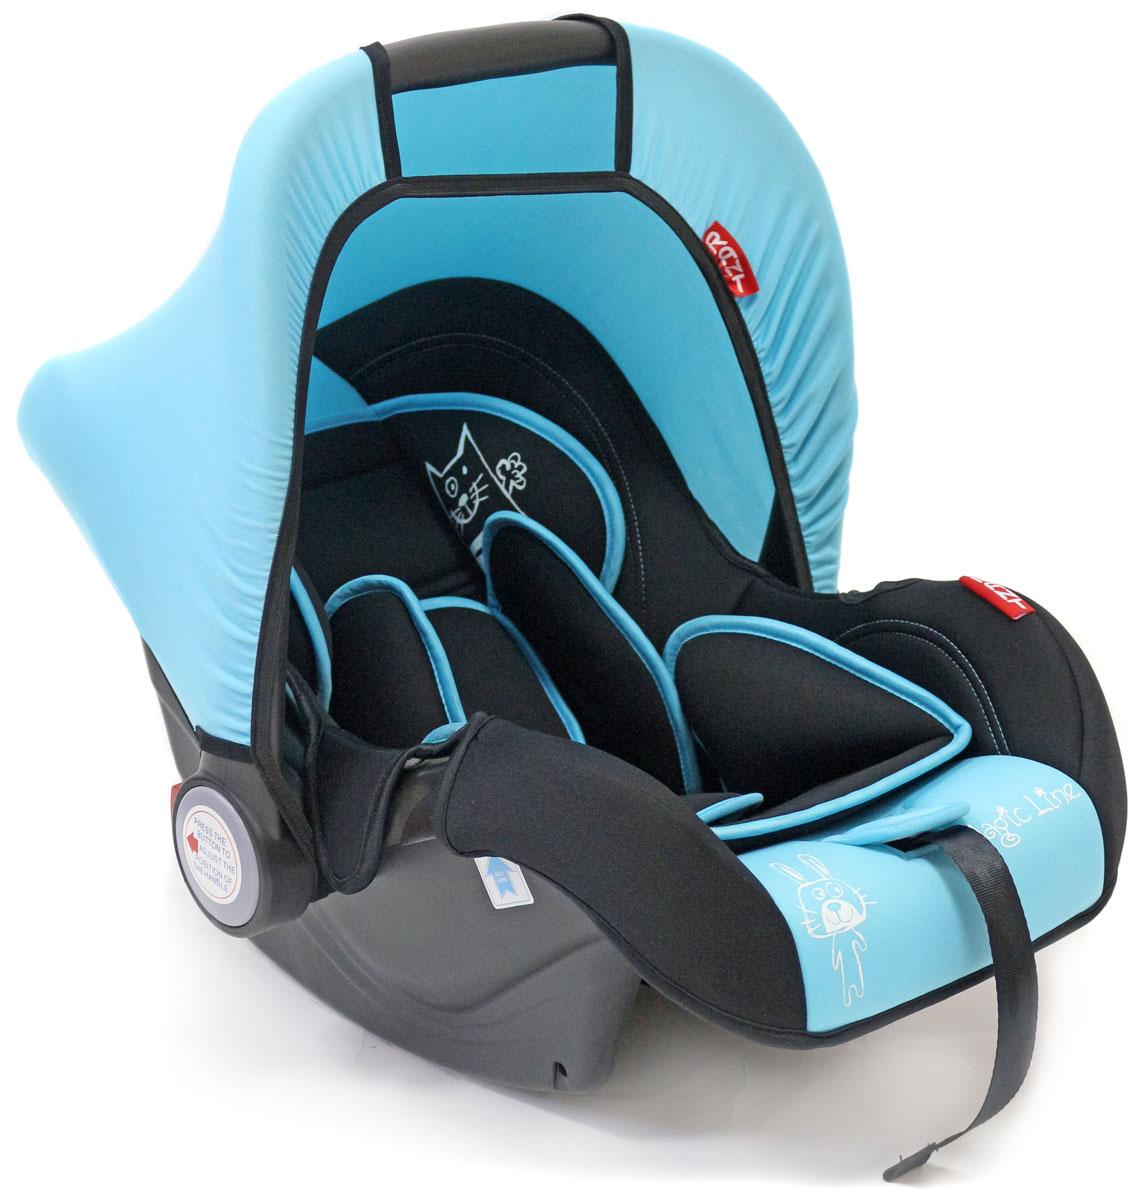 Rant Автокресло Miracle цвет голубой до 13 кг4630008876664Детское автокресло-переноска Rant Miracle разработано для малышей весом до 13 кг (приблизительно до 12 месяцев).Особенности: Сиденье удобной формы с мягким вкладышем обеспечивает защиту и идеальное положение шеи и спины малыша, а также делает кресло комфортным и безопасным. Автокресло (переноска) Miracle имеет внутренние 3-х точечные ремни безопасности с плечевыми накладками (уменьшают нагрузку на плечи малыша). Накладки обеспечивают плотное прилегание и надежно удержат малыша в кресле в случае ударов. Ремни удобно регулировать под рост и комплекцию ребенка без особых усилий. Удобная ручка для переноски малыша регулируется в 4-х положениях: для устойчивости автокресла в автомобиле, для переноски малыша, вне автомобиля автокресло можно использовать как кресло-качалку или кресло-шезлонг. Съемный тент защитит от яркого солнца или ветра, когда вы гуляете с малышом на свежем воздухе. Съемный чехол автокресла Miracle изготовлен из гипоаллергенной эластичной ткани, легко чистится и стирается вручную или в деликатном режиме в стиральной машине при температуре 30°.Установка и крепление: Автокресло (переноска) Miracle устанавливается лицом против движения автомобиля и крепится штатными автомобильными ремнями. Ребенок фиксируется внутренними ремнями безопасности. Такое положение обеспечивает максимальную безопасность маленькому пассажиру. Рекомендуется устанавливать автокресло на заднем сиденье автомобиля. Производитель допускает перевозку на переднем сиденье, в этом случае необходимо отключить фронтальные подушки безопасности. Автокресло (переноска) Miracle сертифицировано и соответствует европейскому стандарту безопасности ECE R44-04.